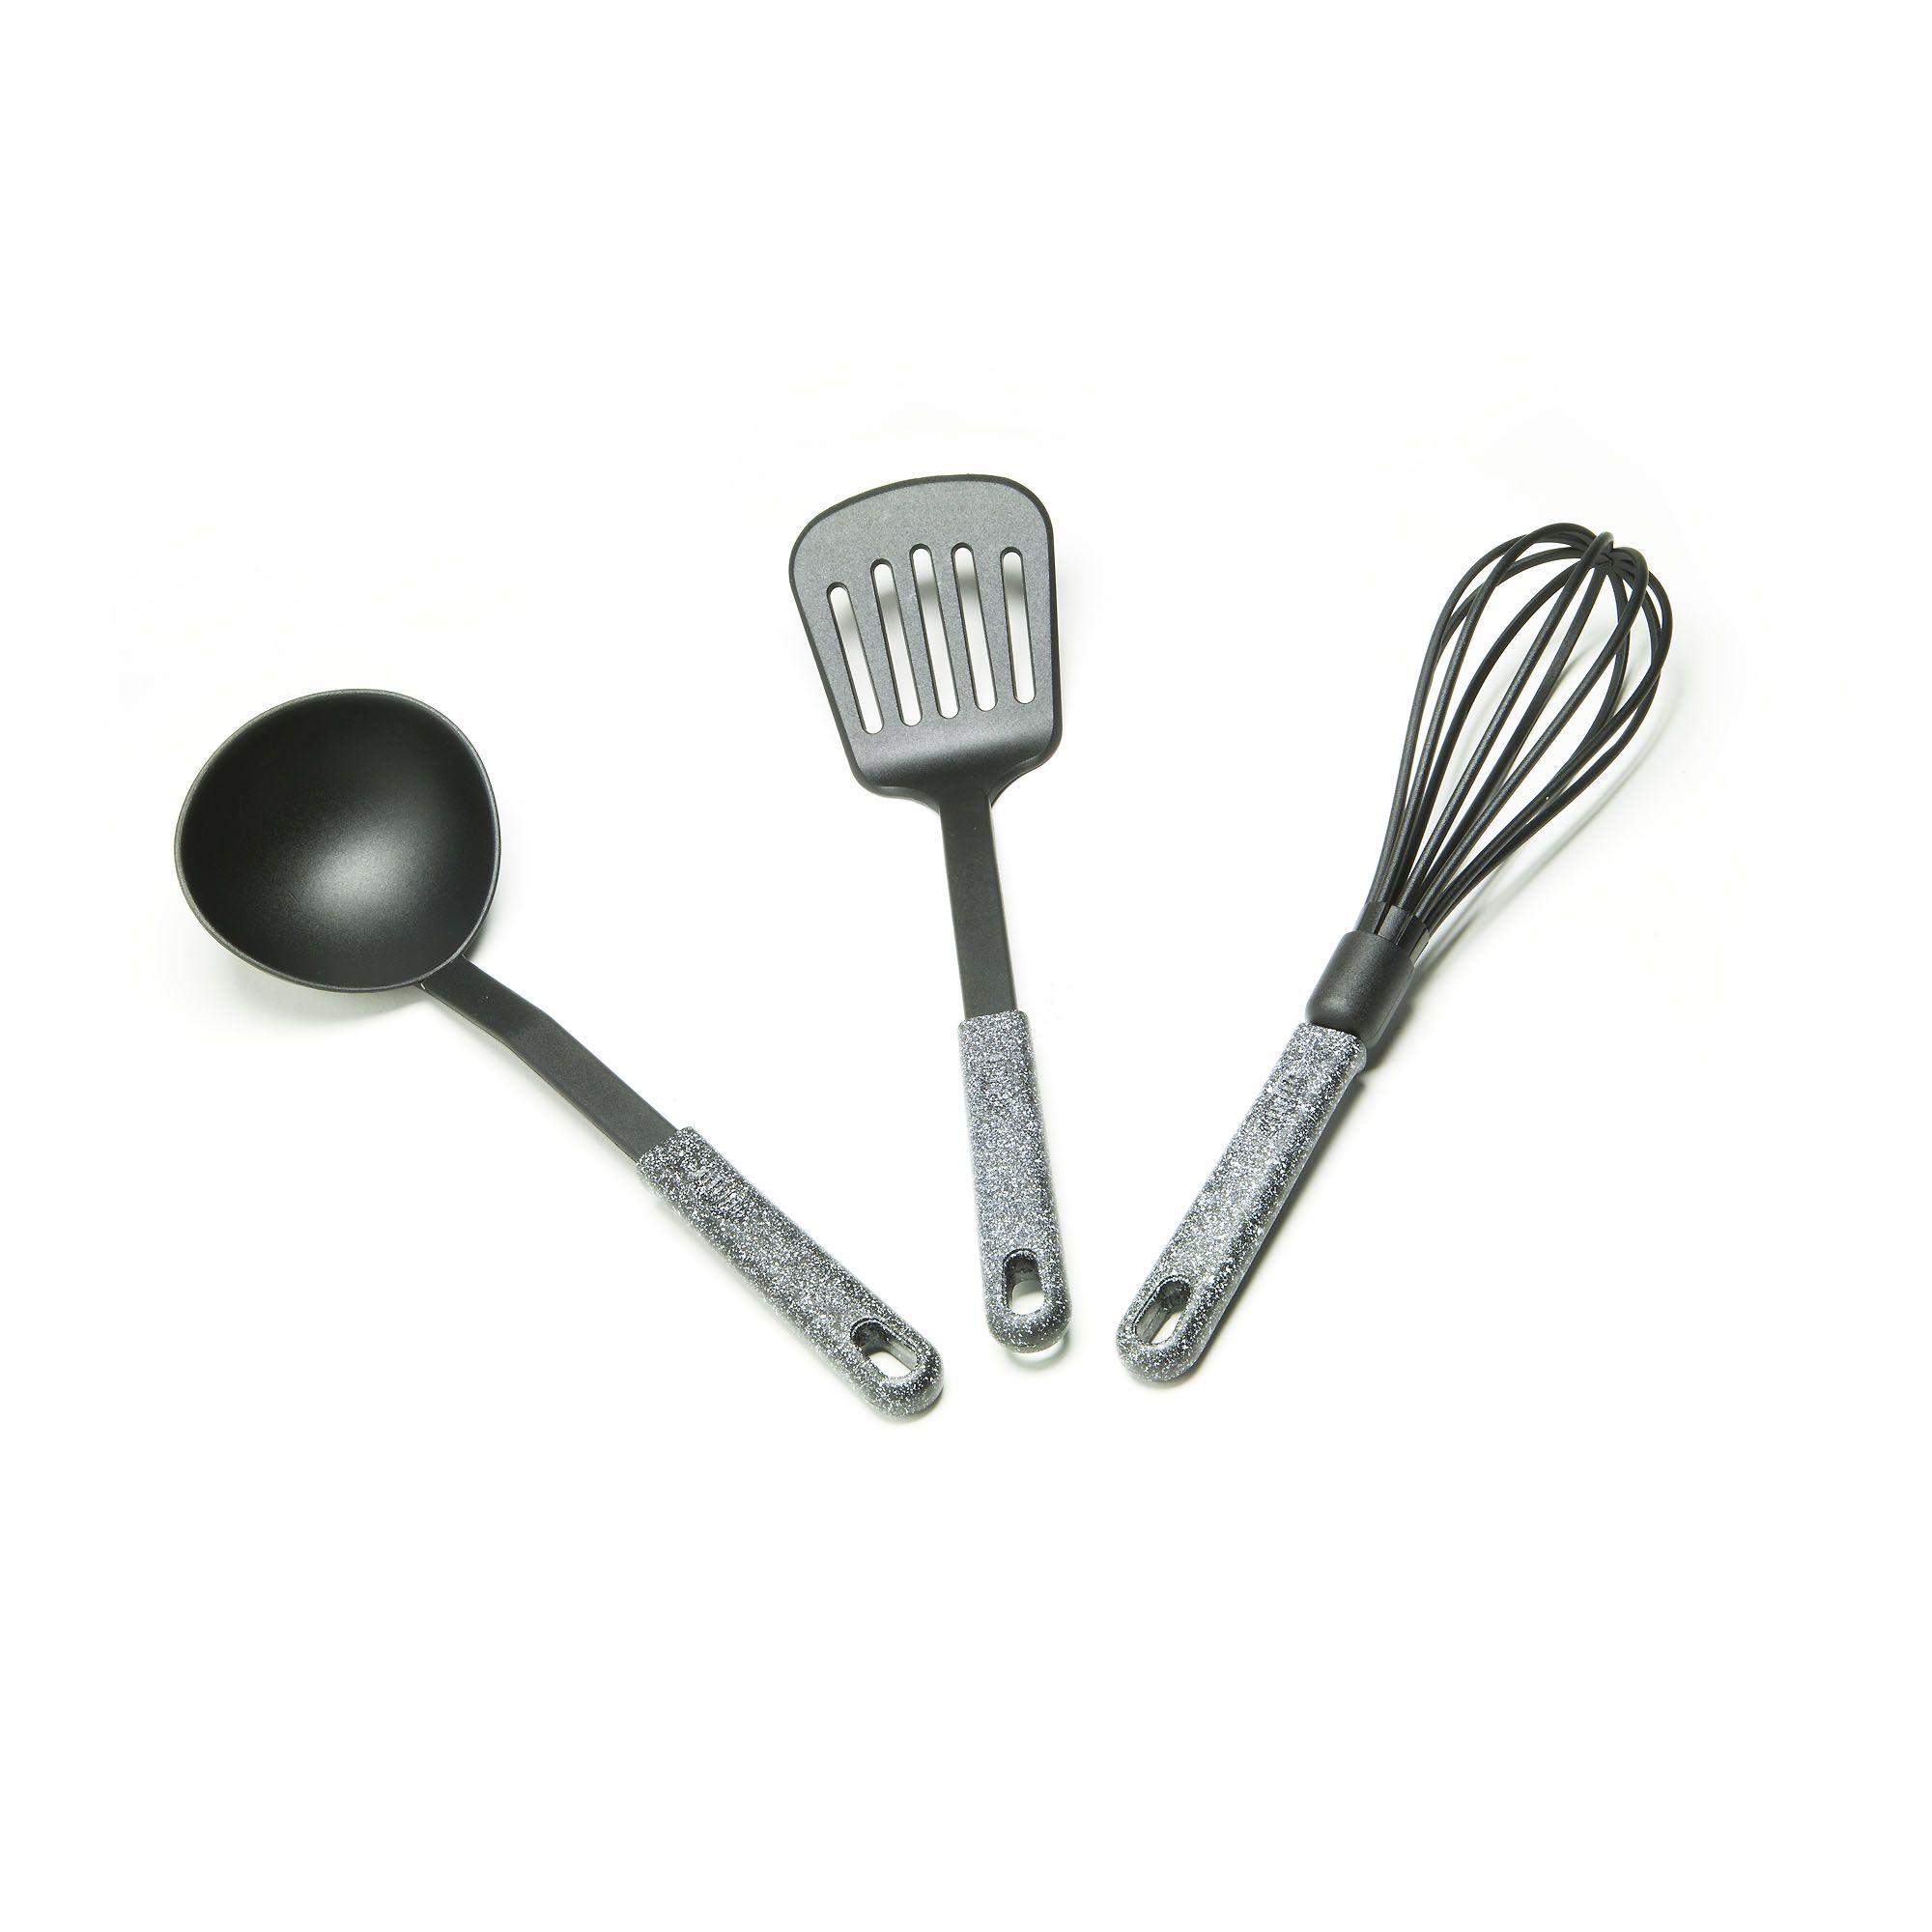 Utensili da cucina - Utensili da cucina particolari ...